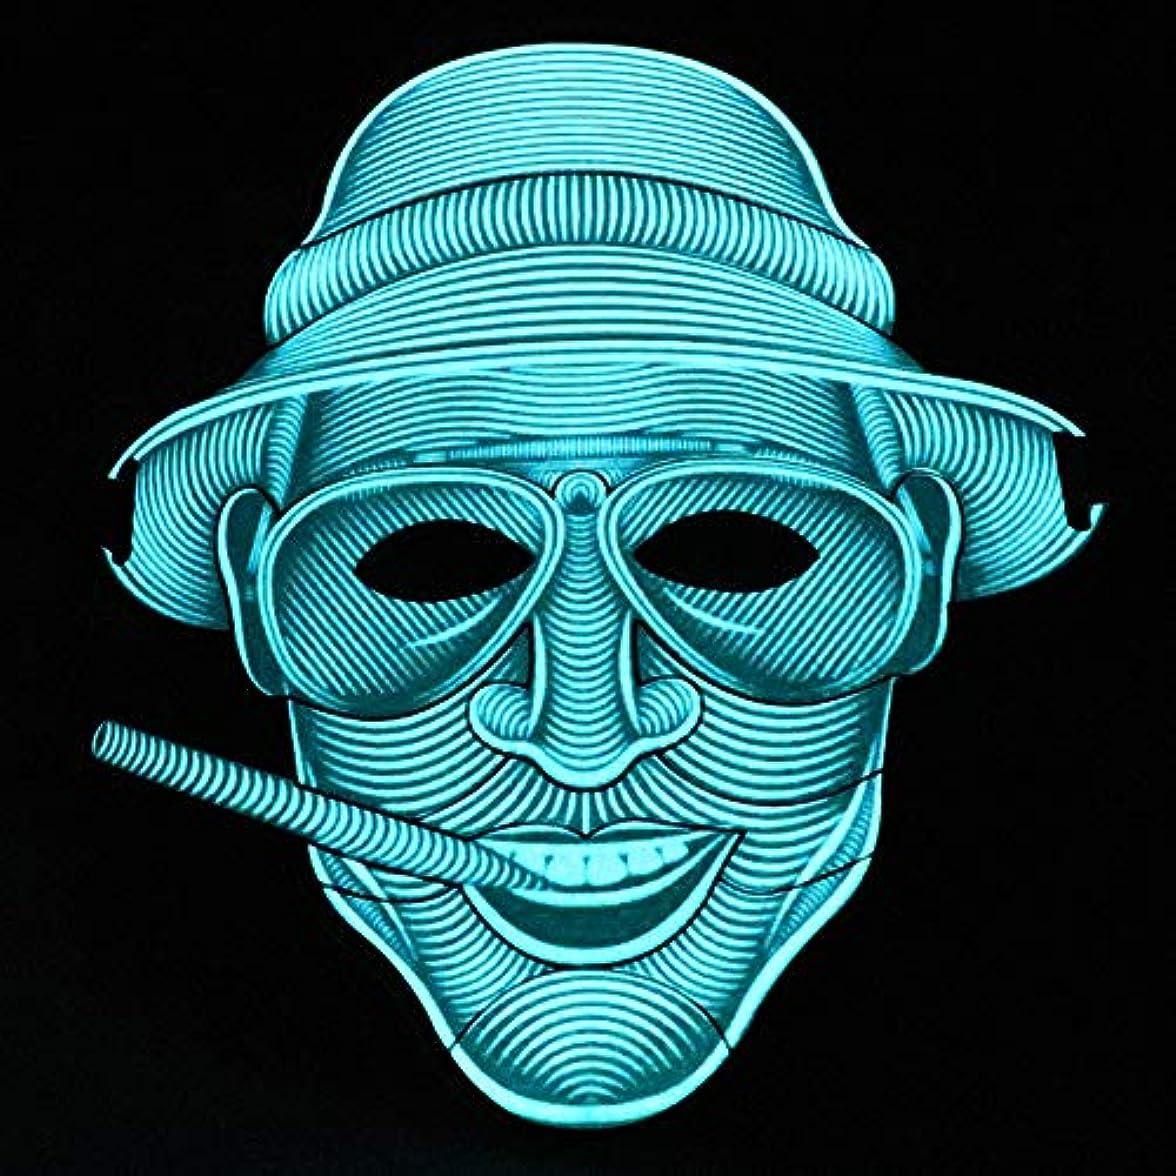 ライド名前でディレクター照らされたマスクLED創造的な冷光音響制御マスクハロウィンバーフェスティバルダンスマスク (Color : #7)